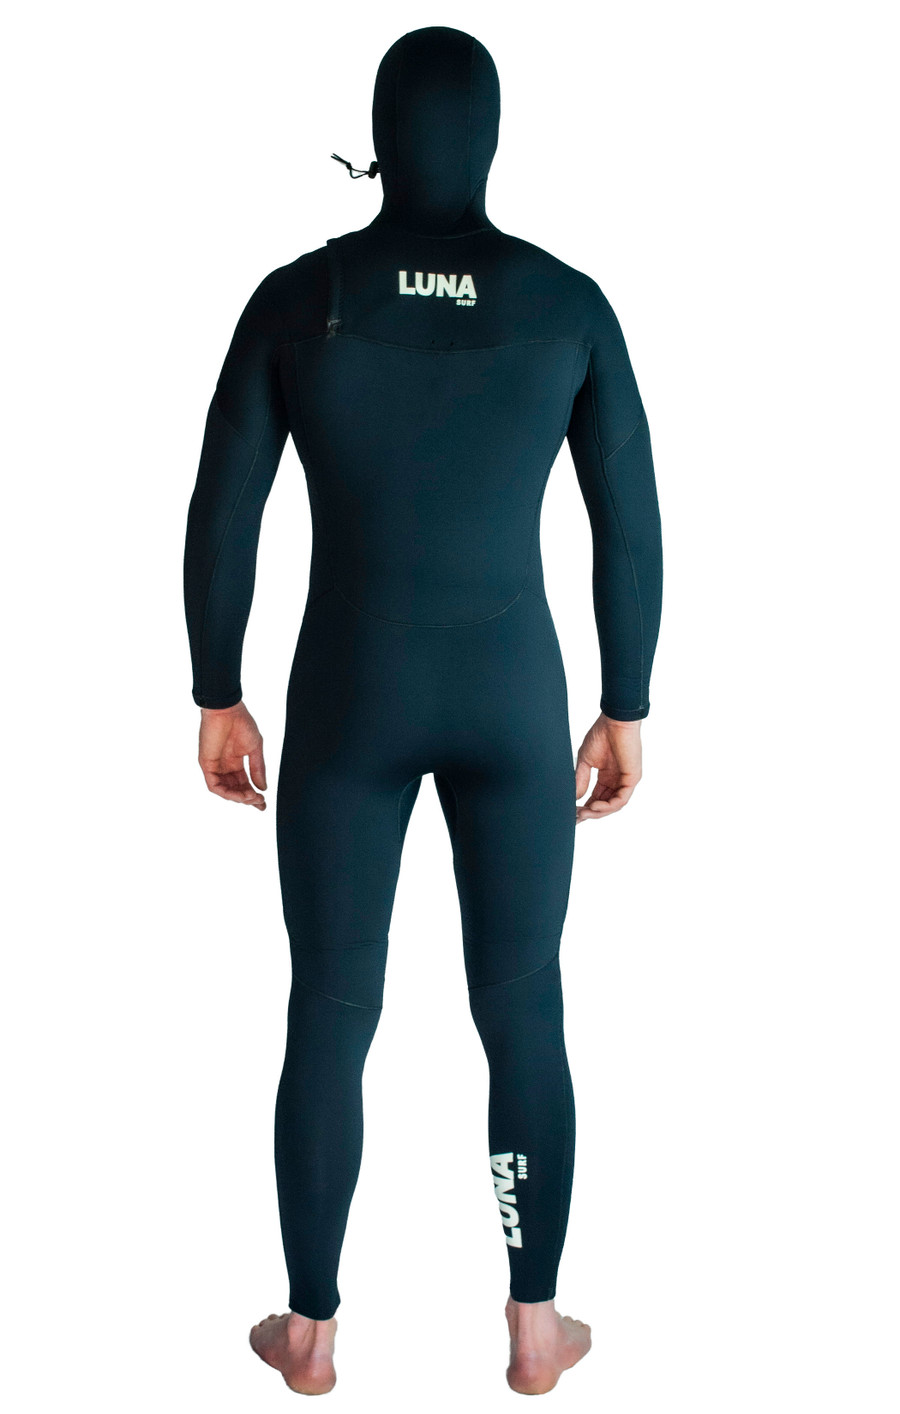 100% Yamamoto Japanese limestone based neoprene wetsuit